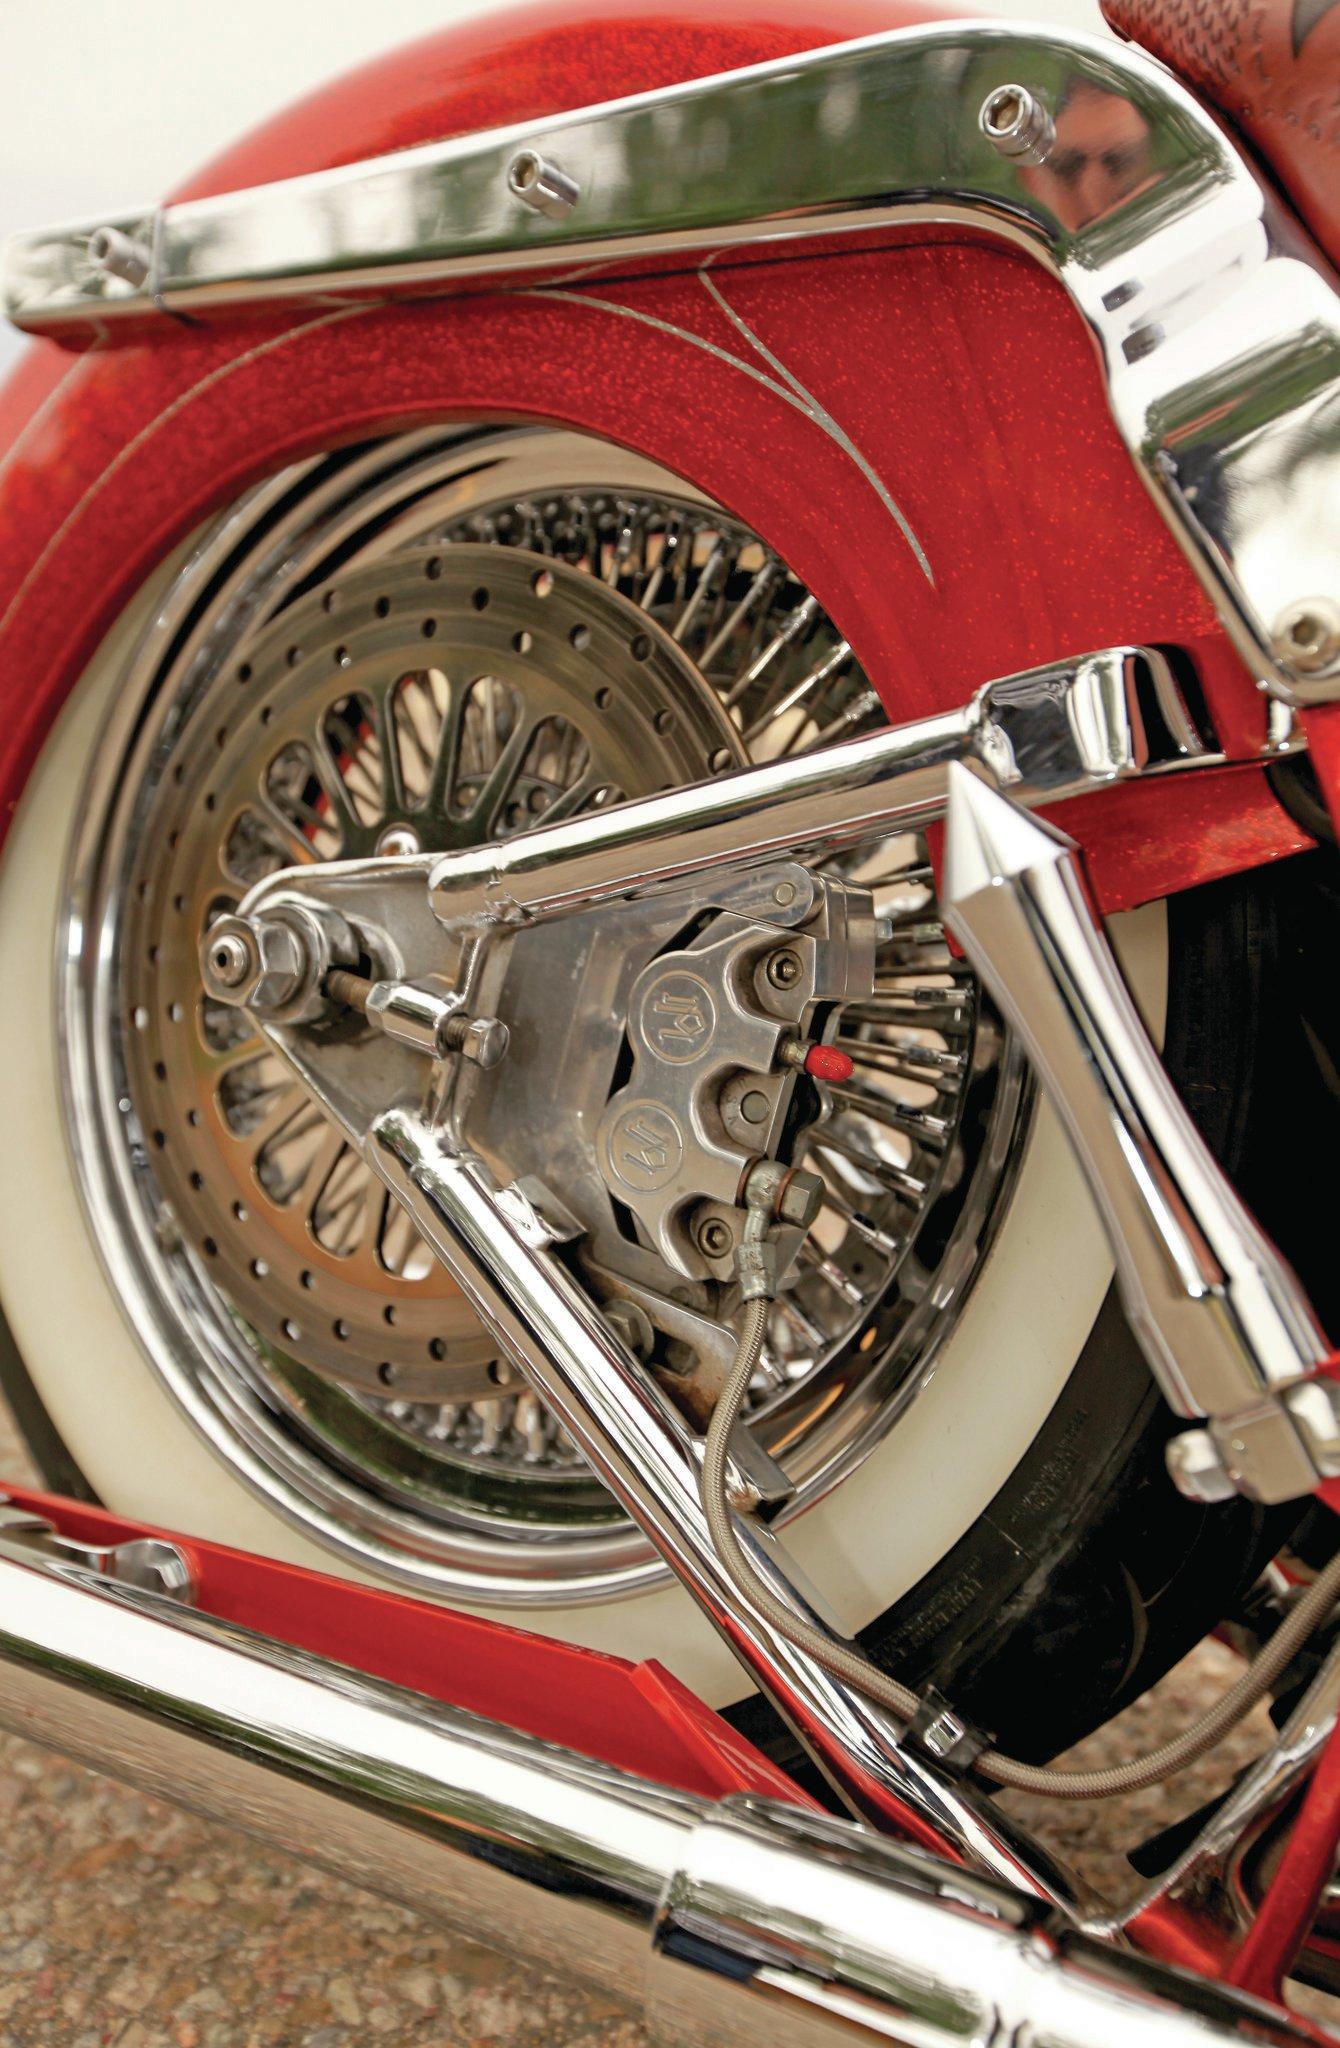 1987 Harley Davidson Softail Man S Ruin